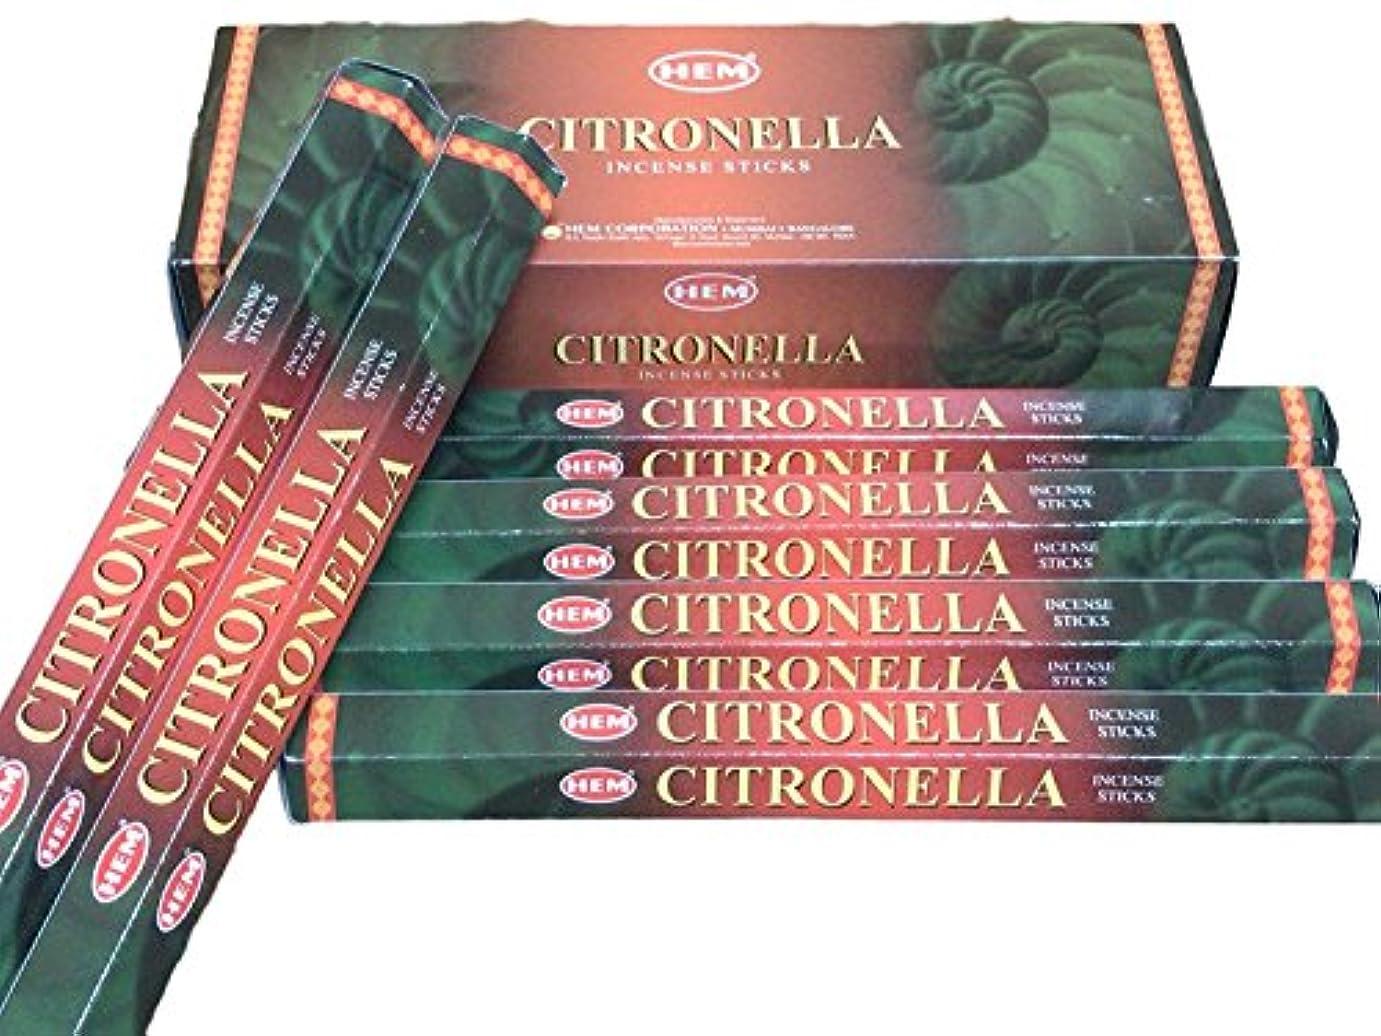 つらいスーツボーナスHEM ヘム シトロネラ CITRONELLA ステック お香 6本 セット